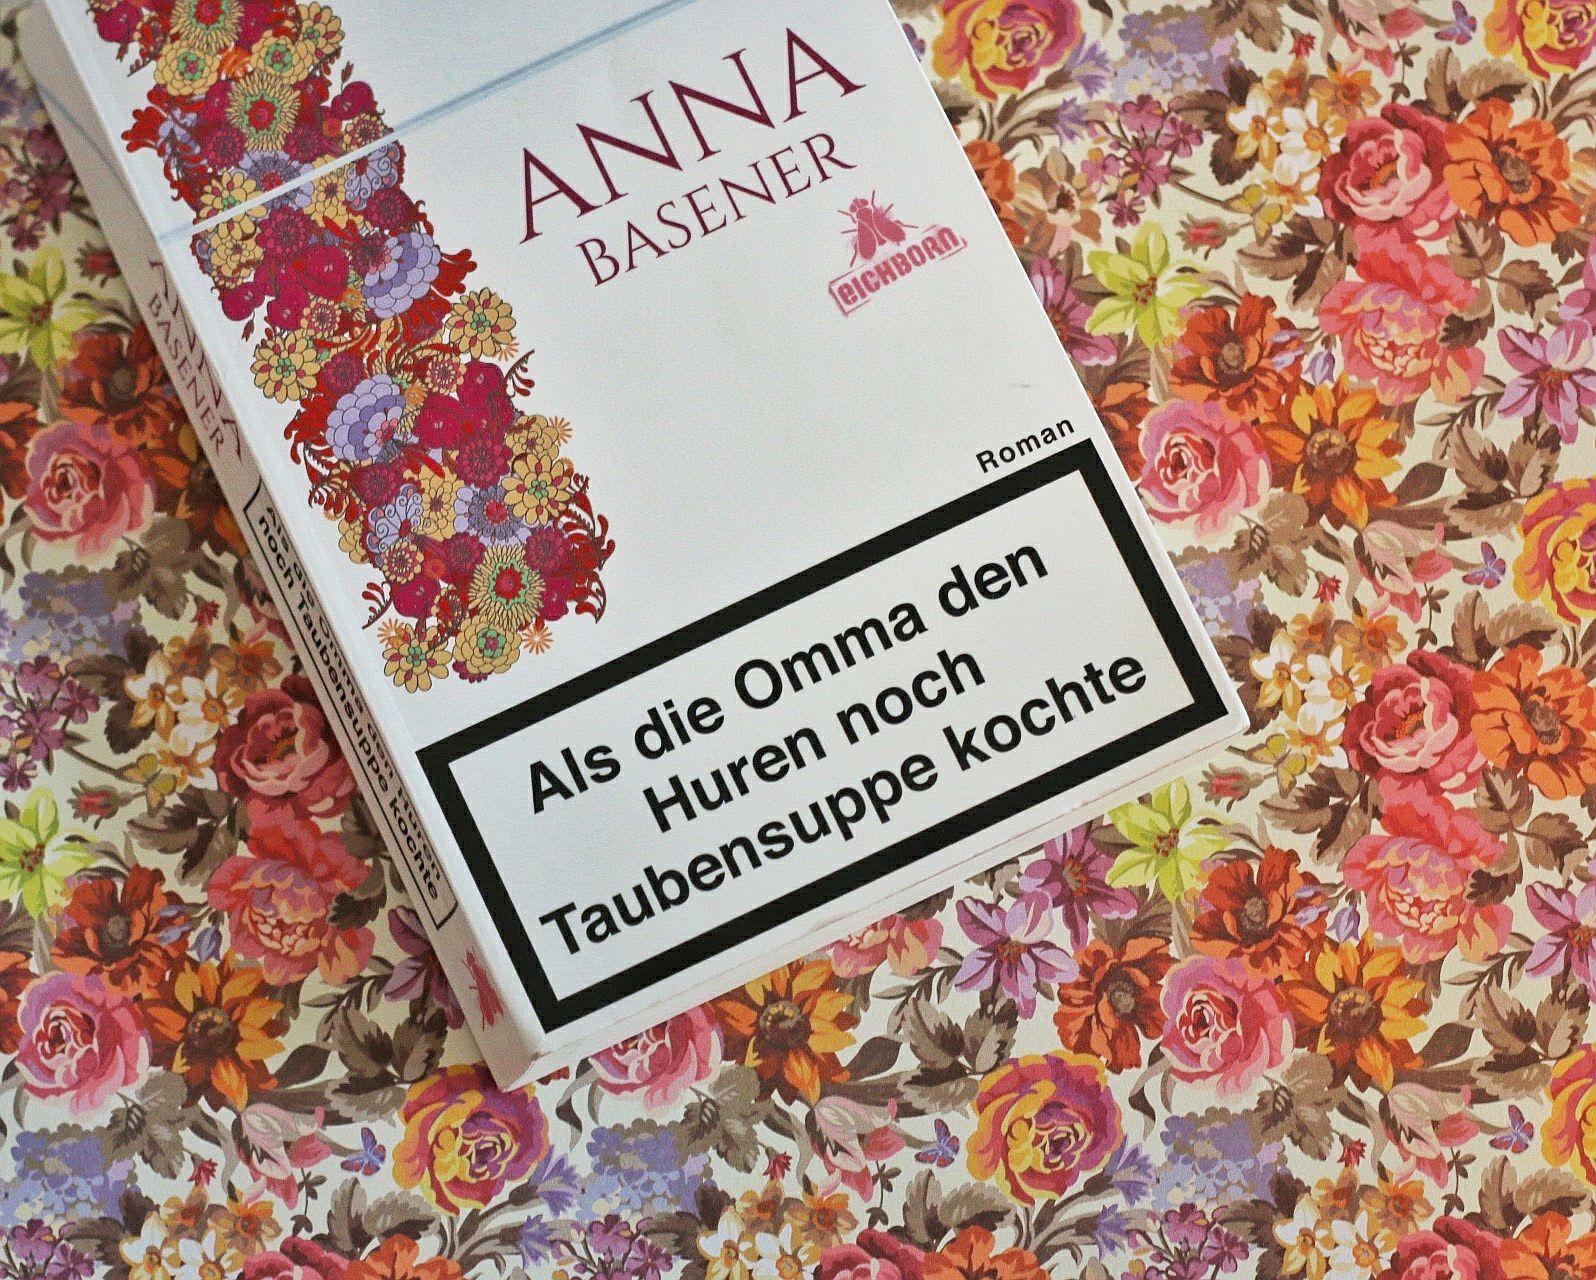 Als die Omma den Huren noch Taubensuppe kochte Anna Basener Cover Bastei Lübbe Rezension